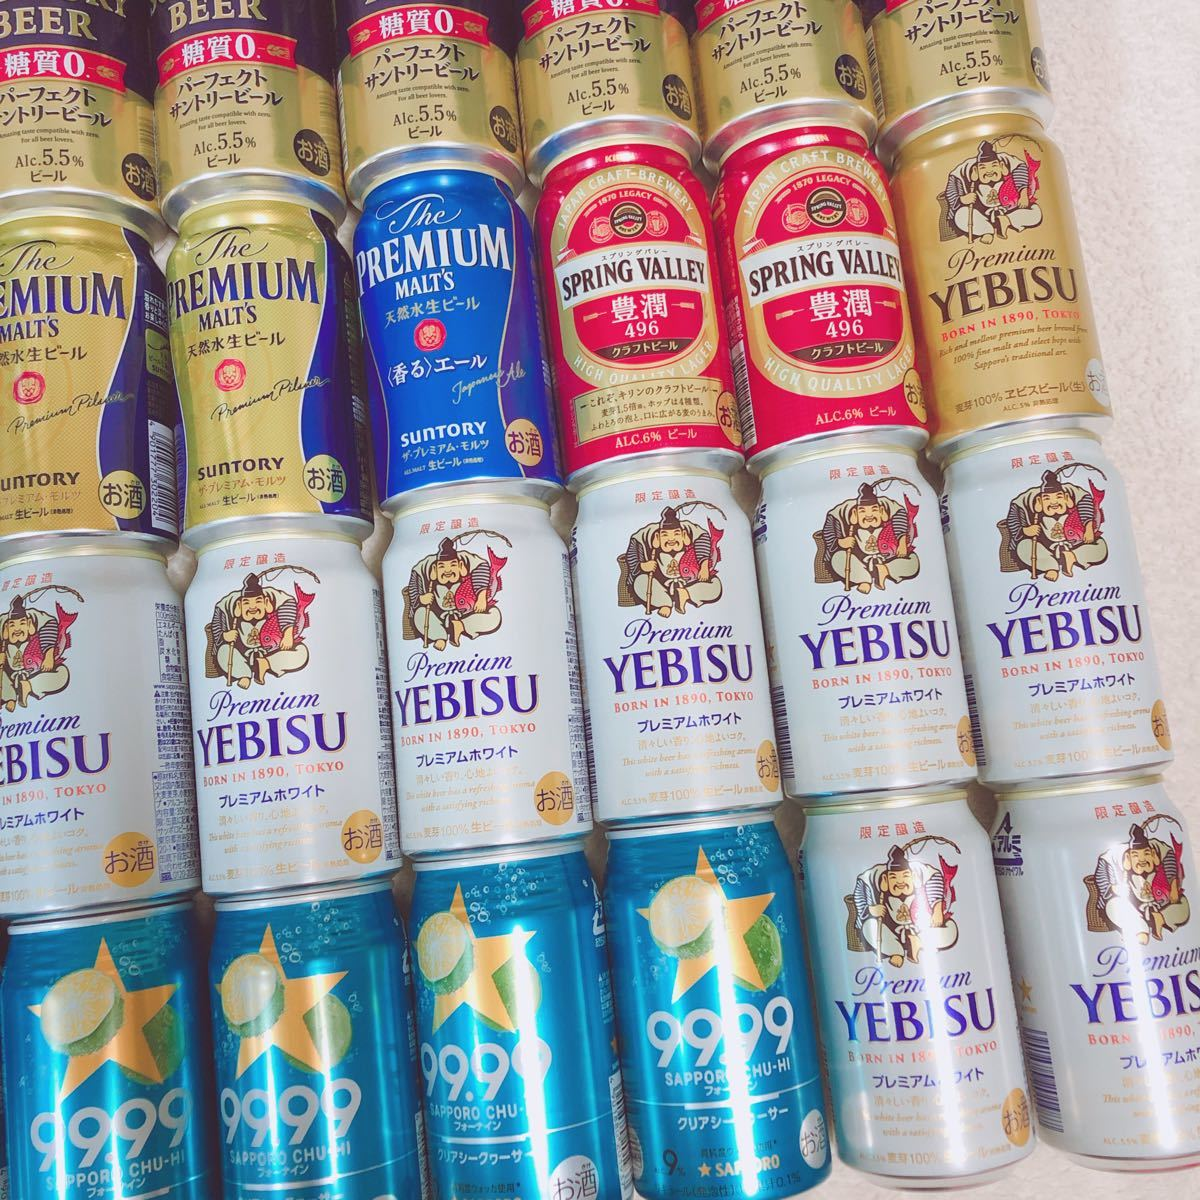 48本 ビール 発泡酒 チューハイ 詰め合わせ